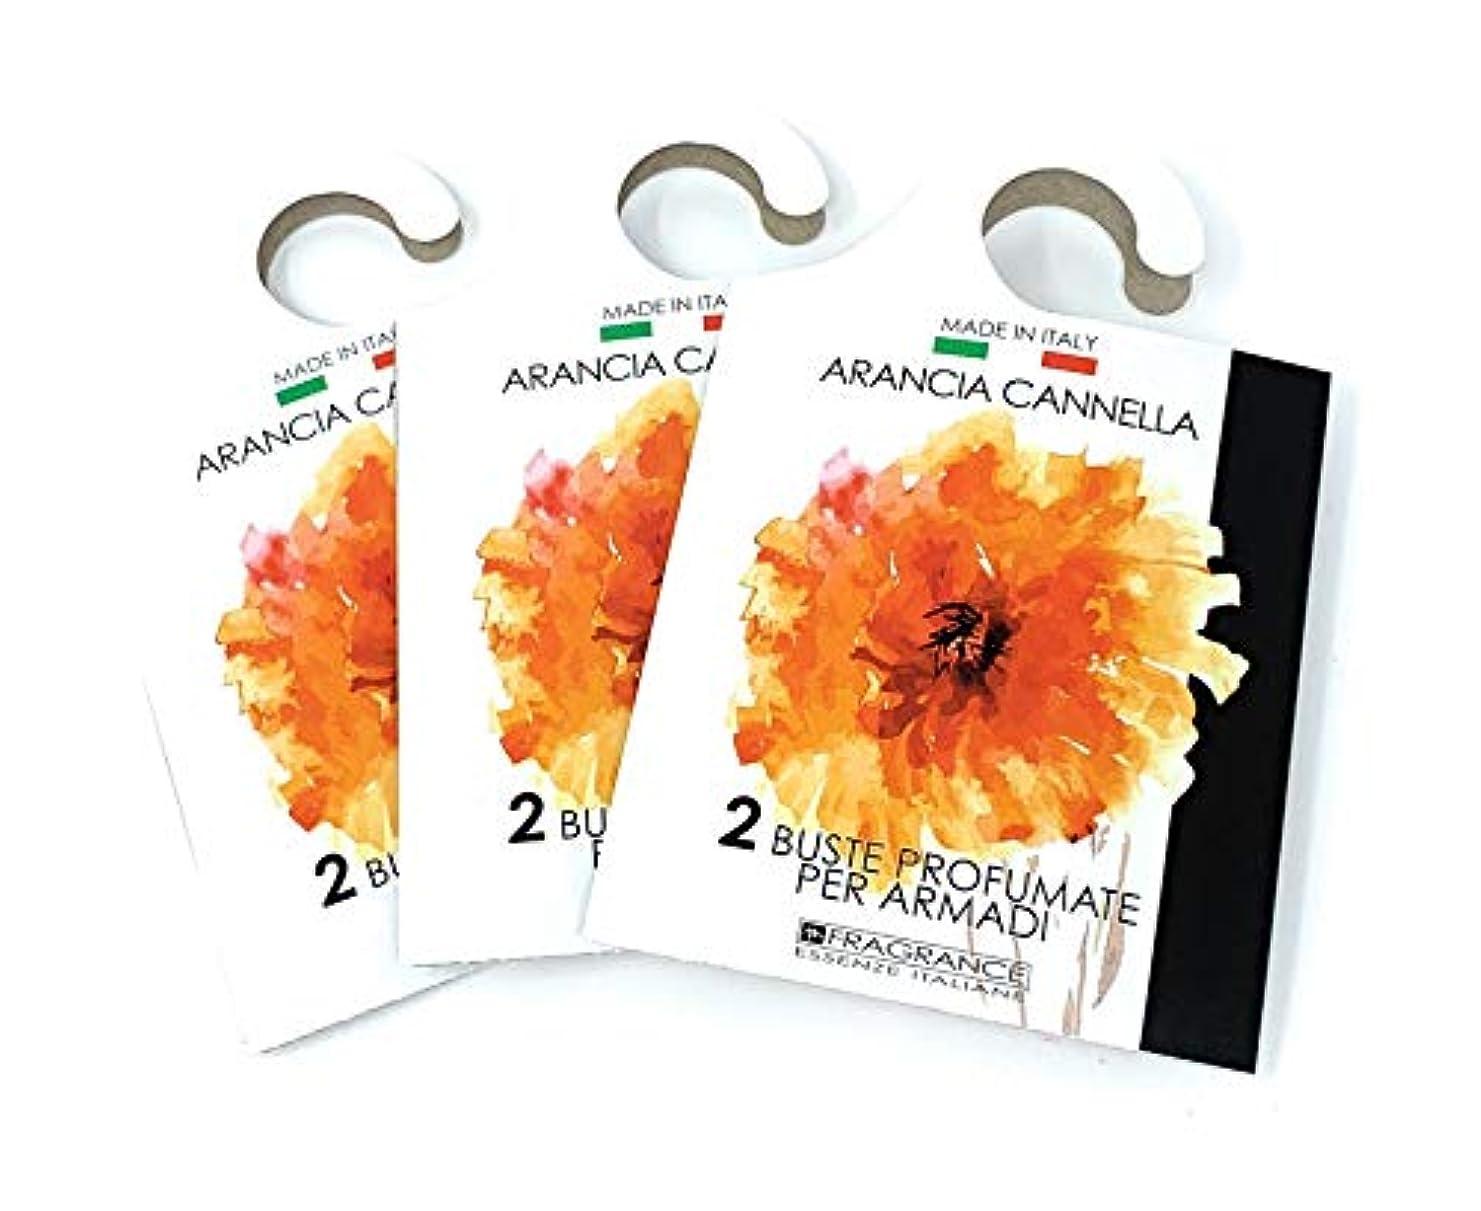 シットコム倍率アプローチMERCURY ITALY 吊り下げるサシェ(香り袋) ACQUARELLO オレンジシナモンの香り/ARANCIA CANNELLA 2枚入り×3パック [並行輸入品]